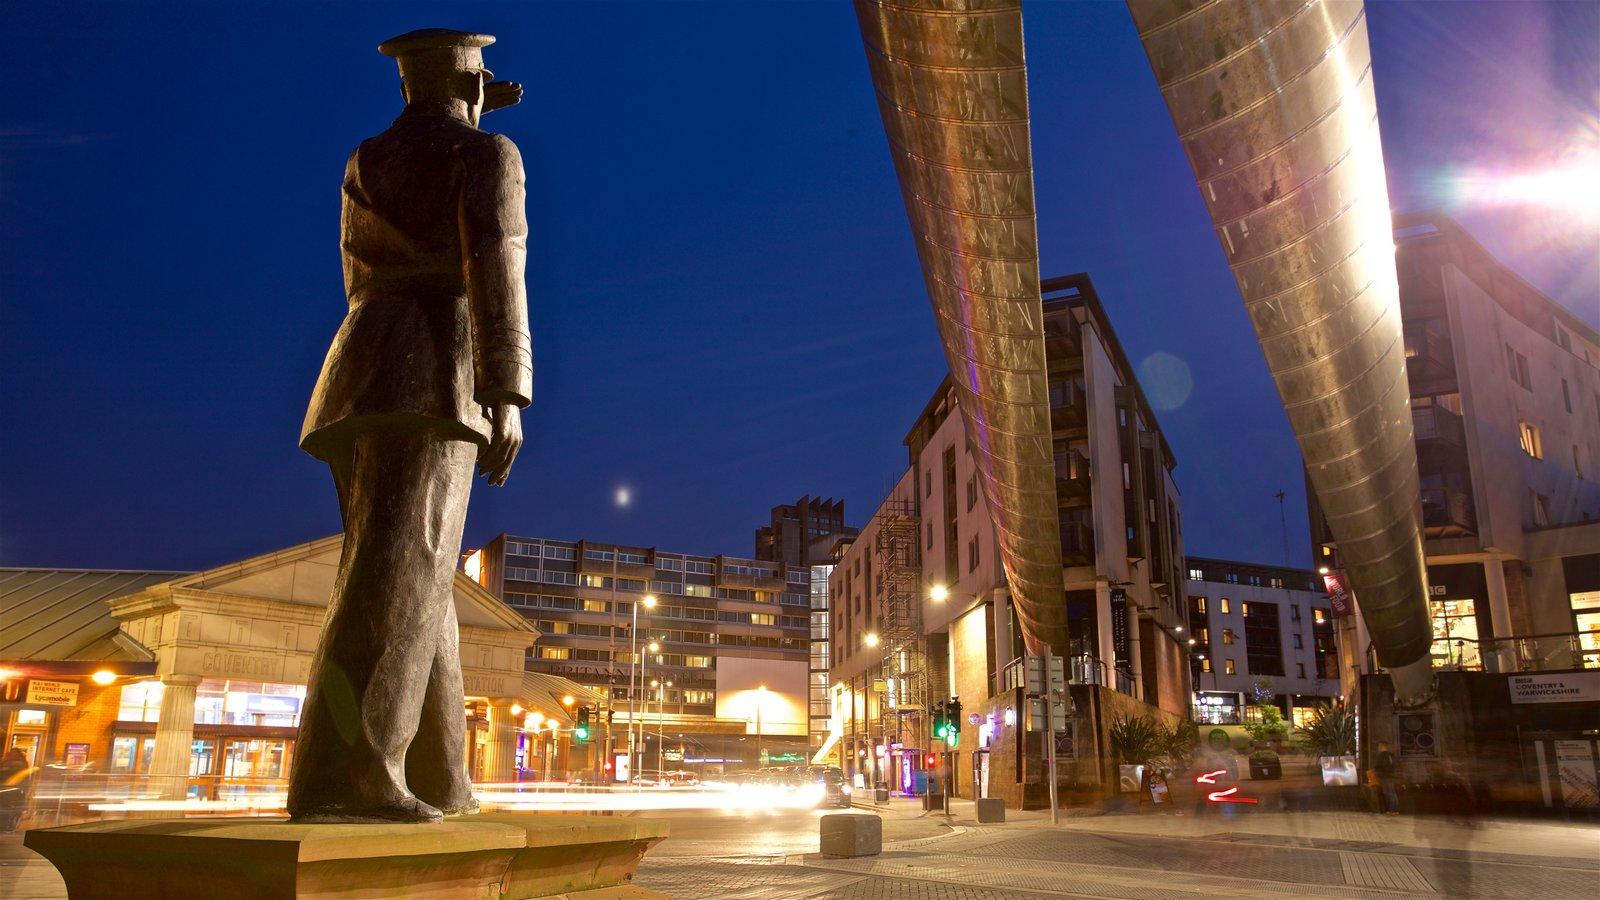 Coventry mostrando uma estátua ou escultura, cenas noturnas e arte ao ar livre